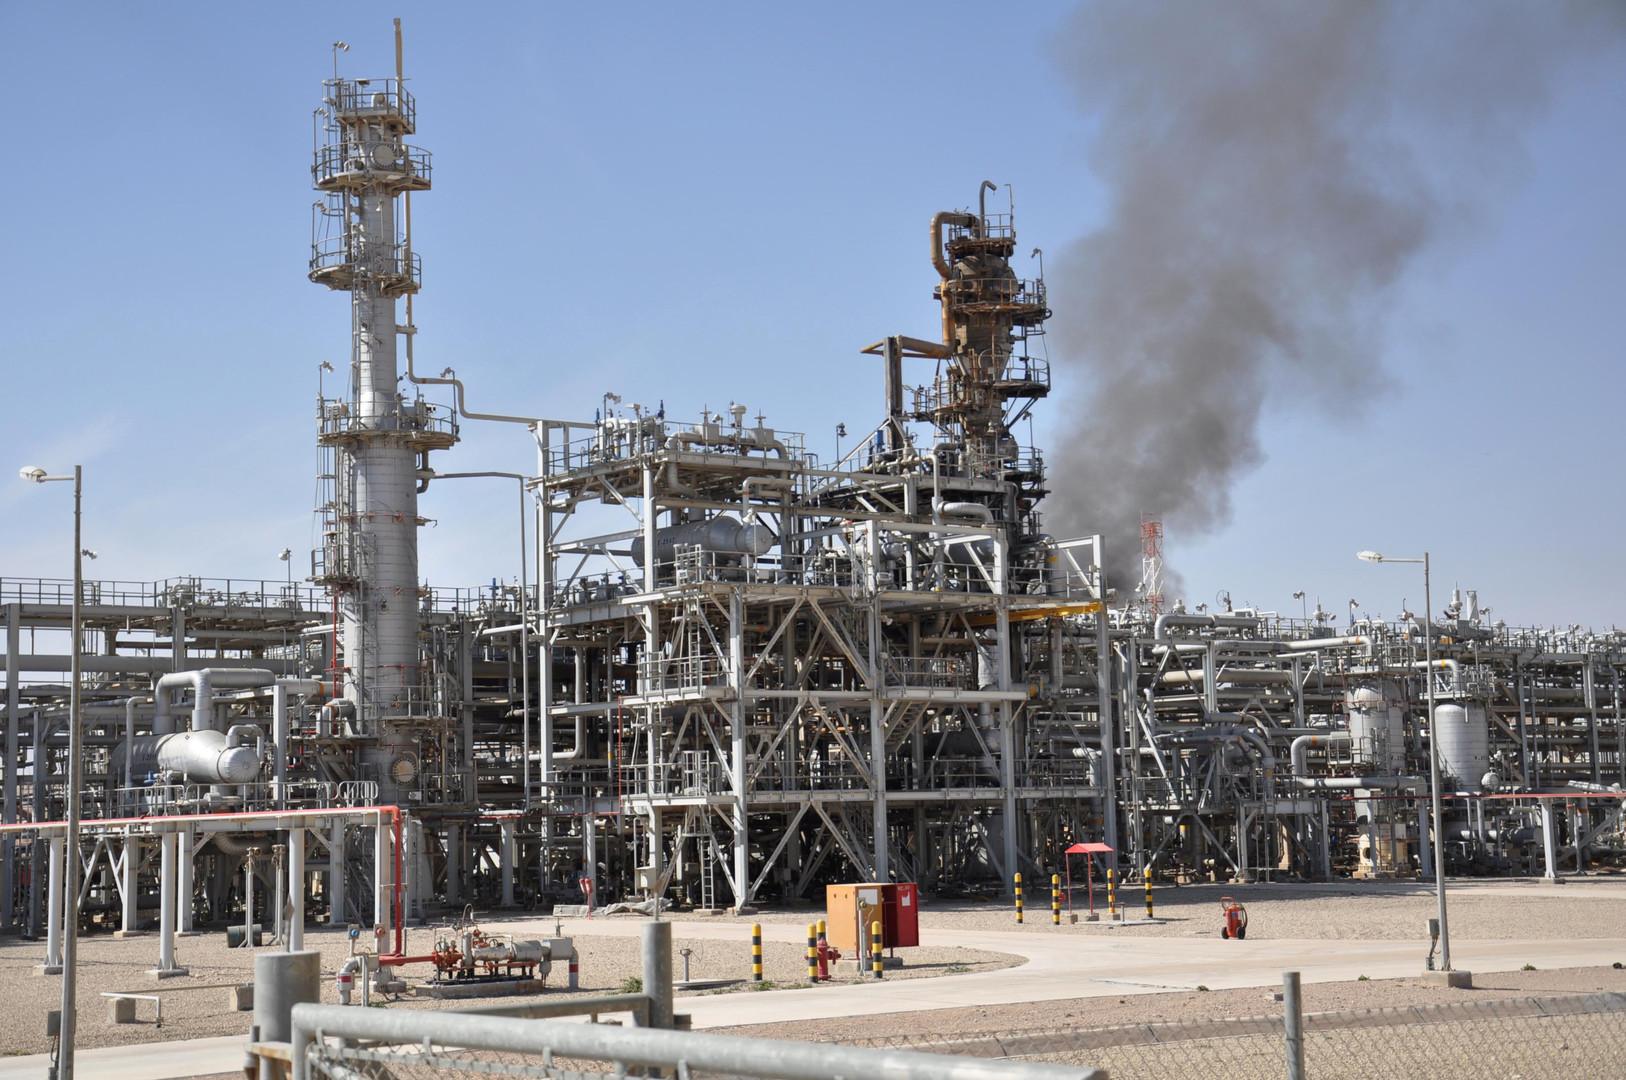 سوريا.. إصلاح خط رئيسي لنقل الغاز وسط البلاد بعد تعرضه للتخريب